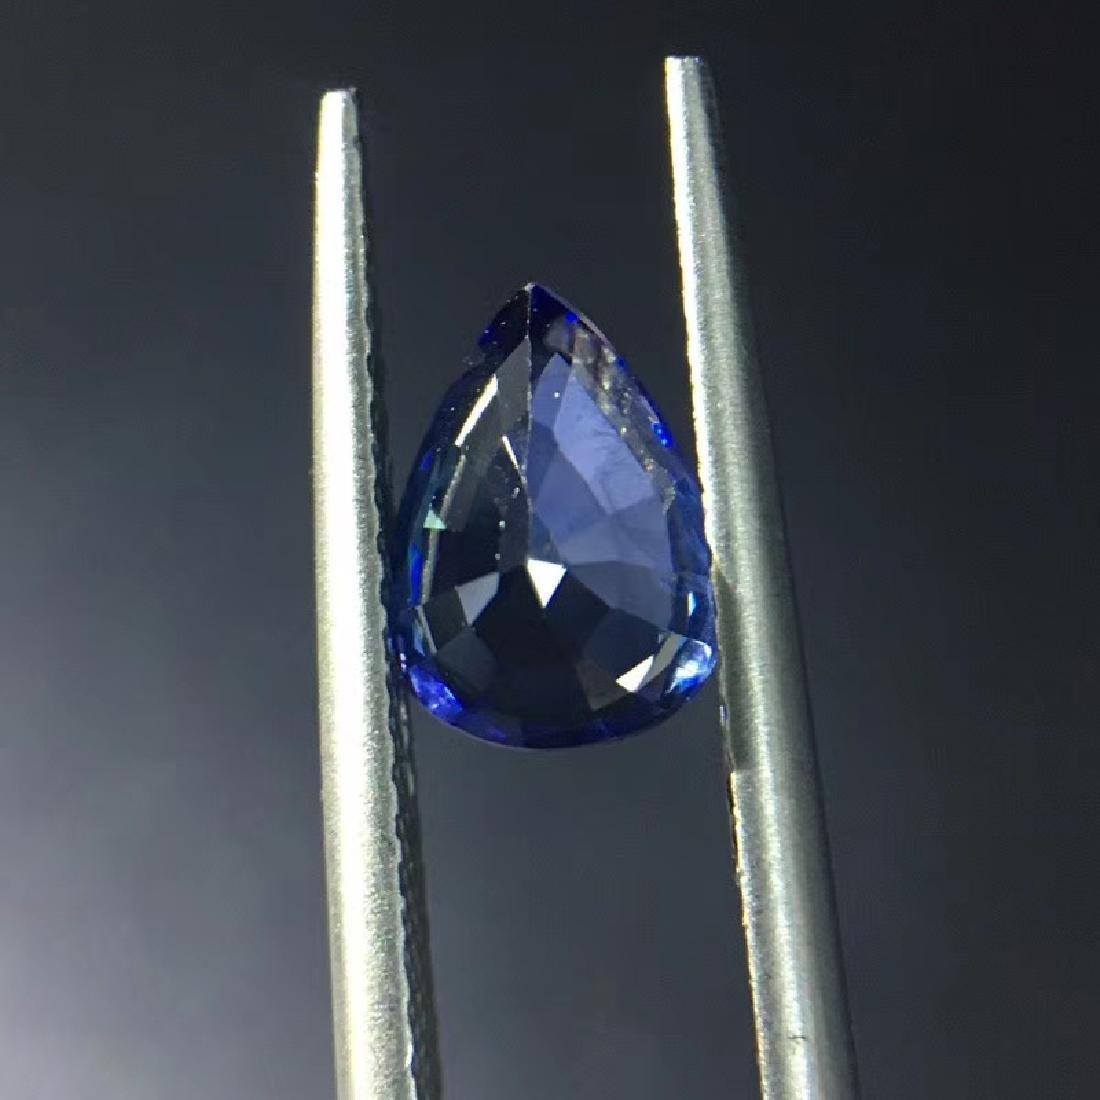 1.54 ct Sapphire 5.8*7.8*4.0 mm Pear Cut - 5